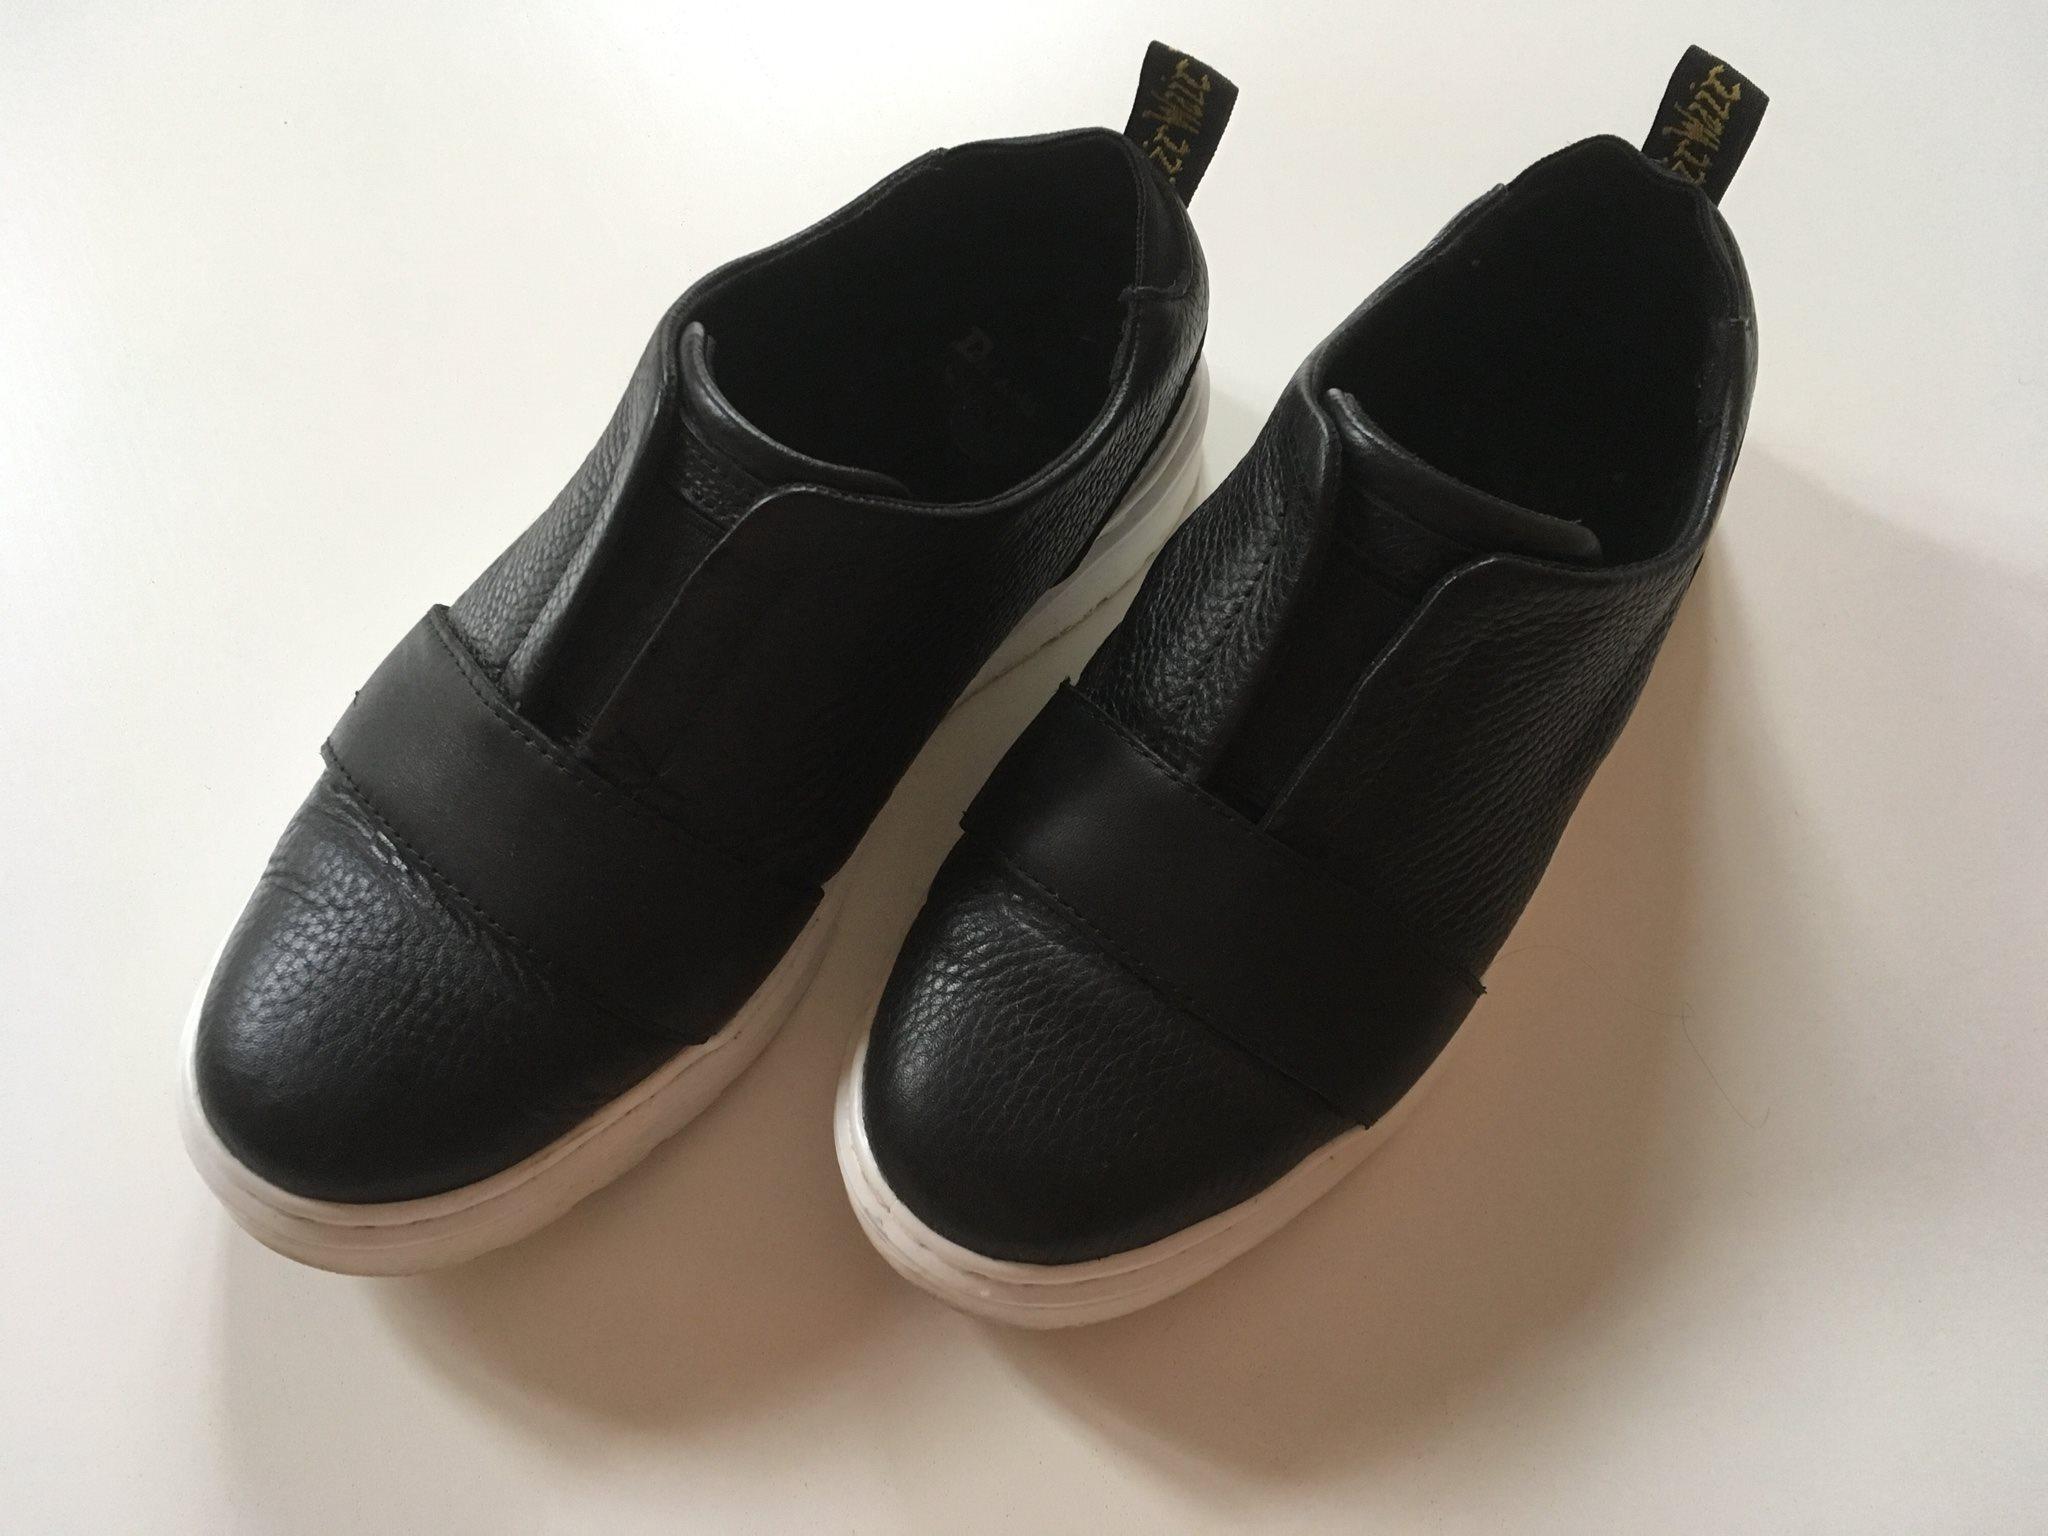 Jättefina svarta skinn-skor sneakers från Dr Ma.. (329198695) ᐈ Köp ... 7d98016088bfb